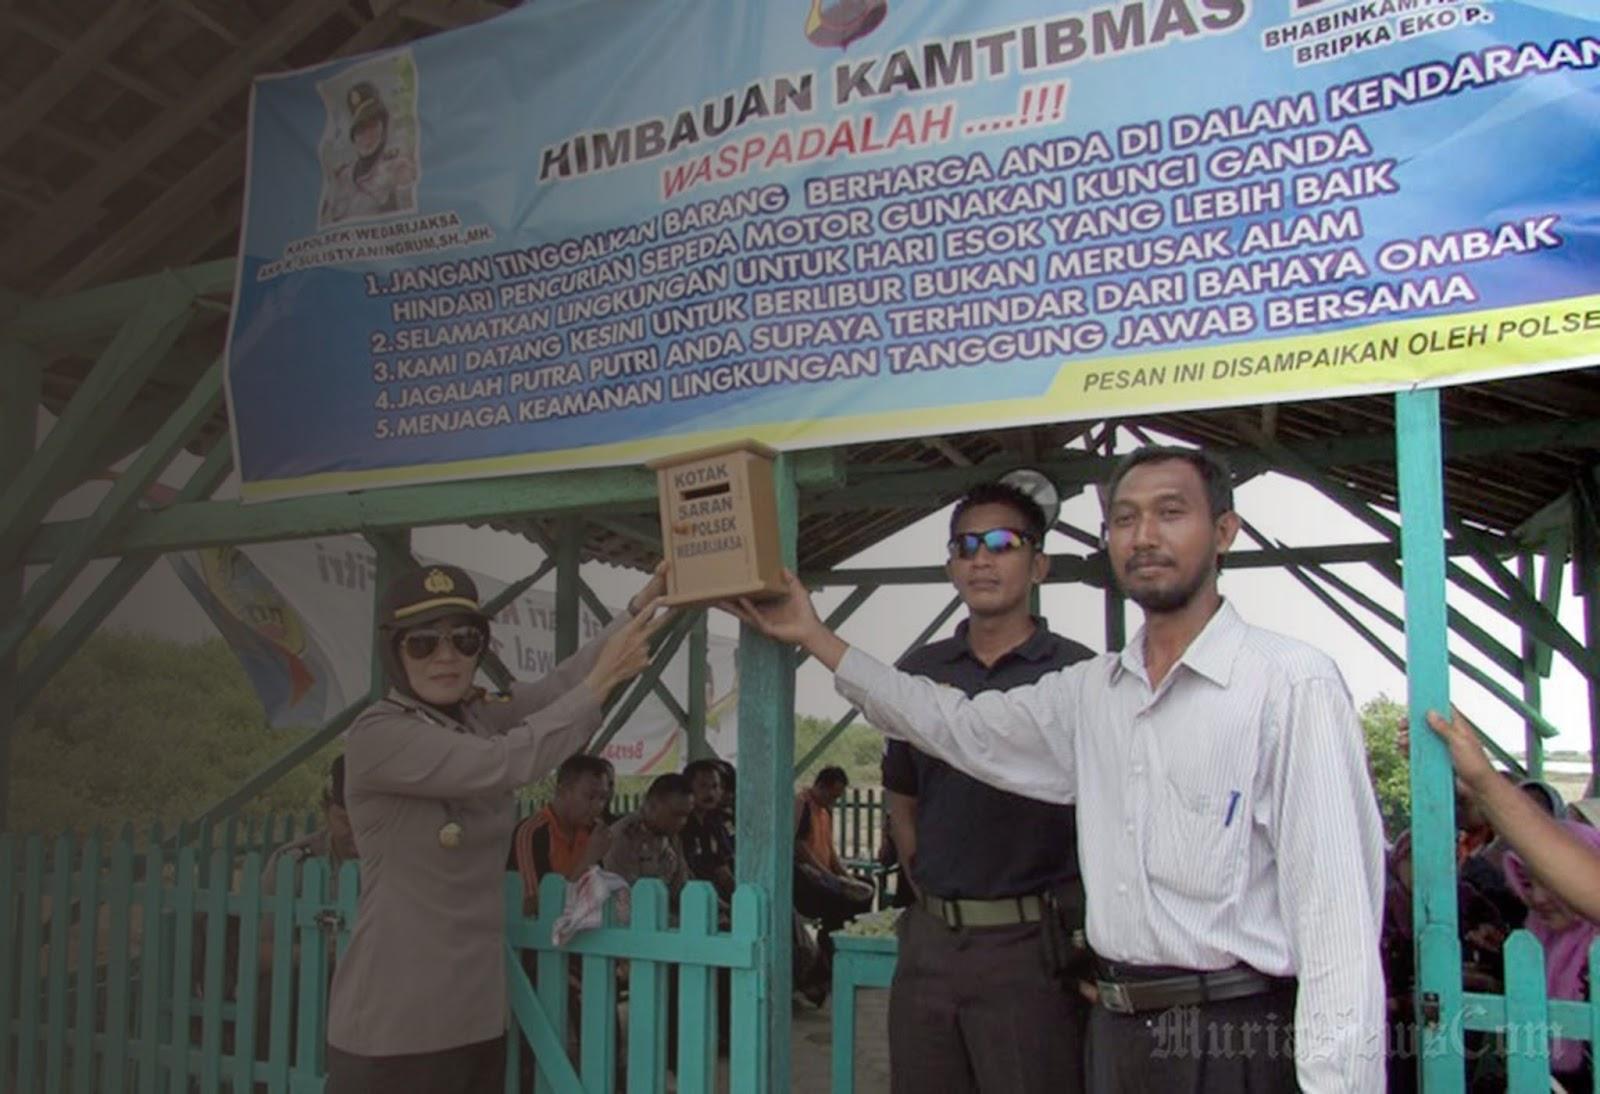 April 2017 Desa Sambilawang Kerjasama Polsek Hutan Mangrove Pantai Kab